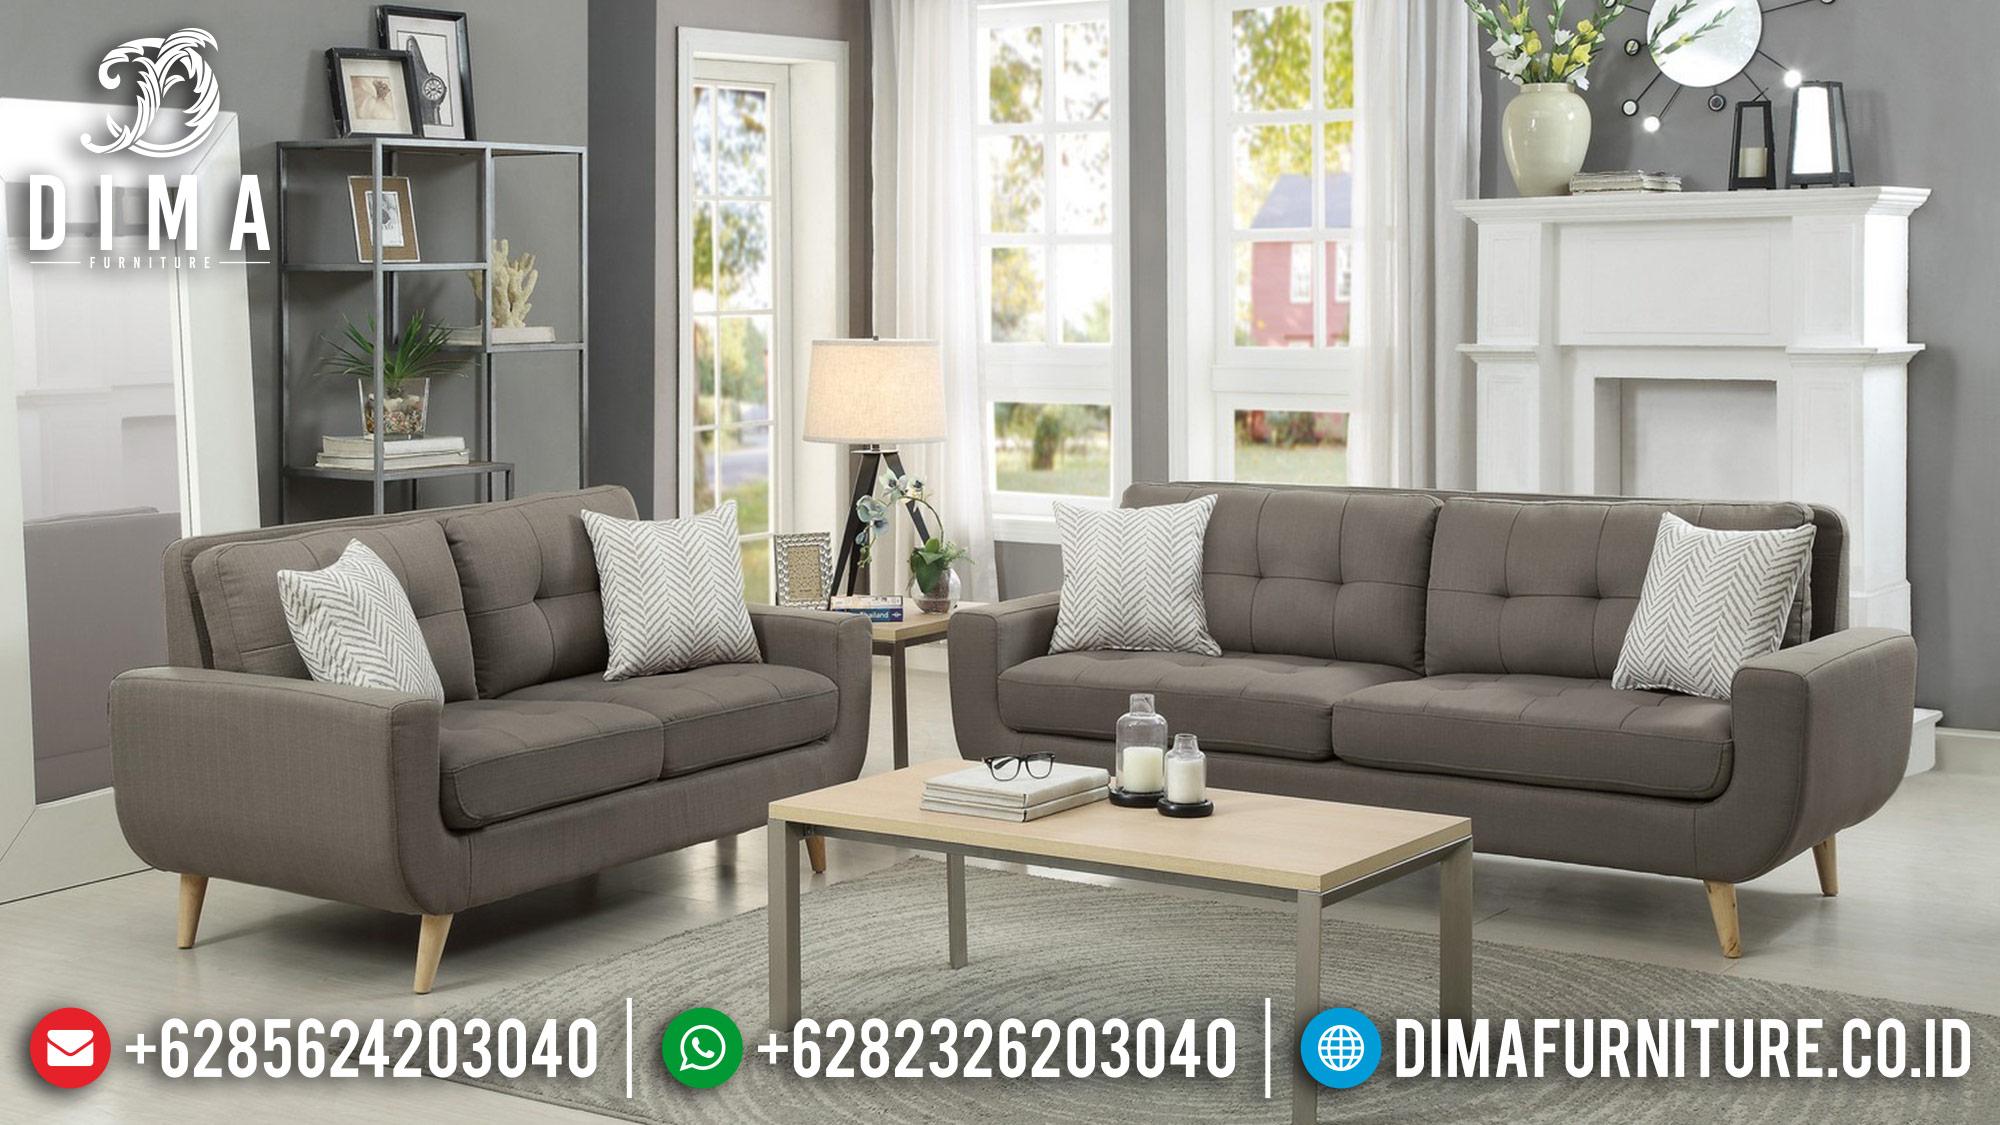 Sofa Mewah Minimalis, Sofa Jepara Terbaru, Kursi Tamu Minimalis Modern DF-0481 Gambar 2